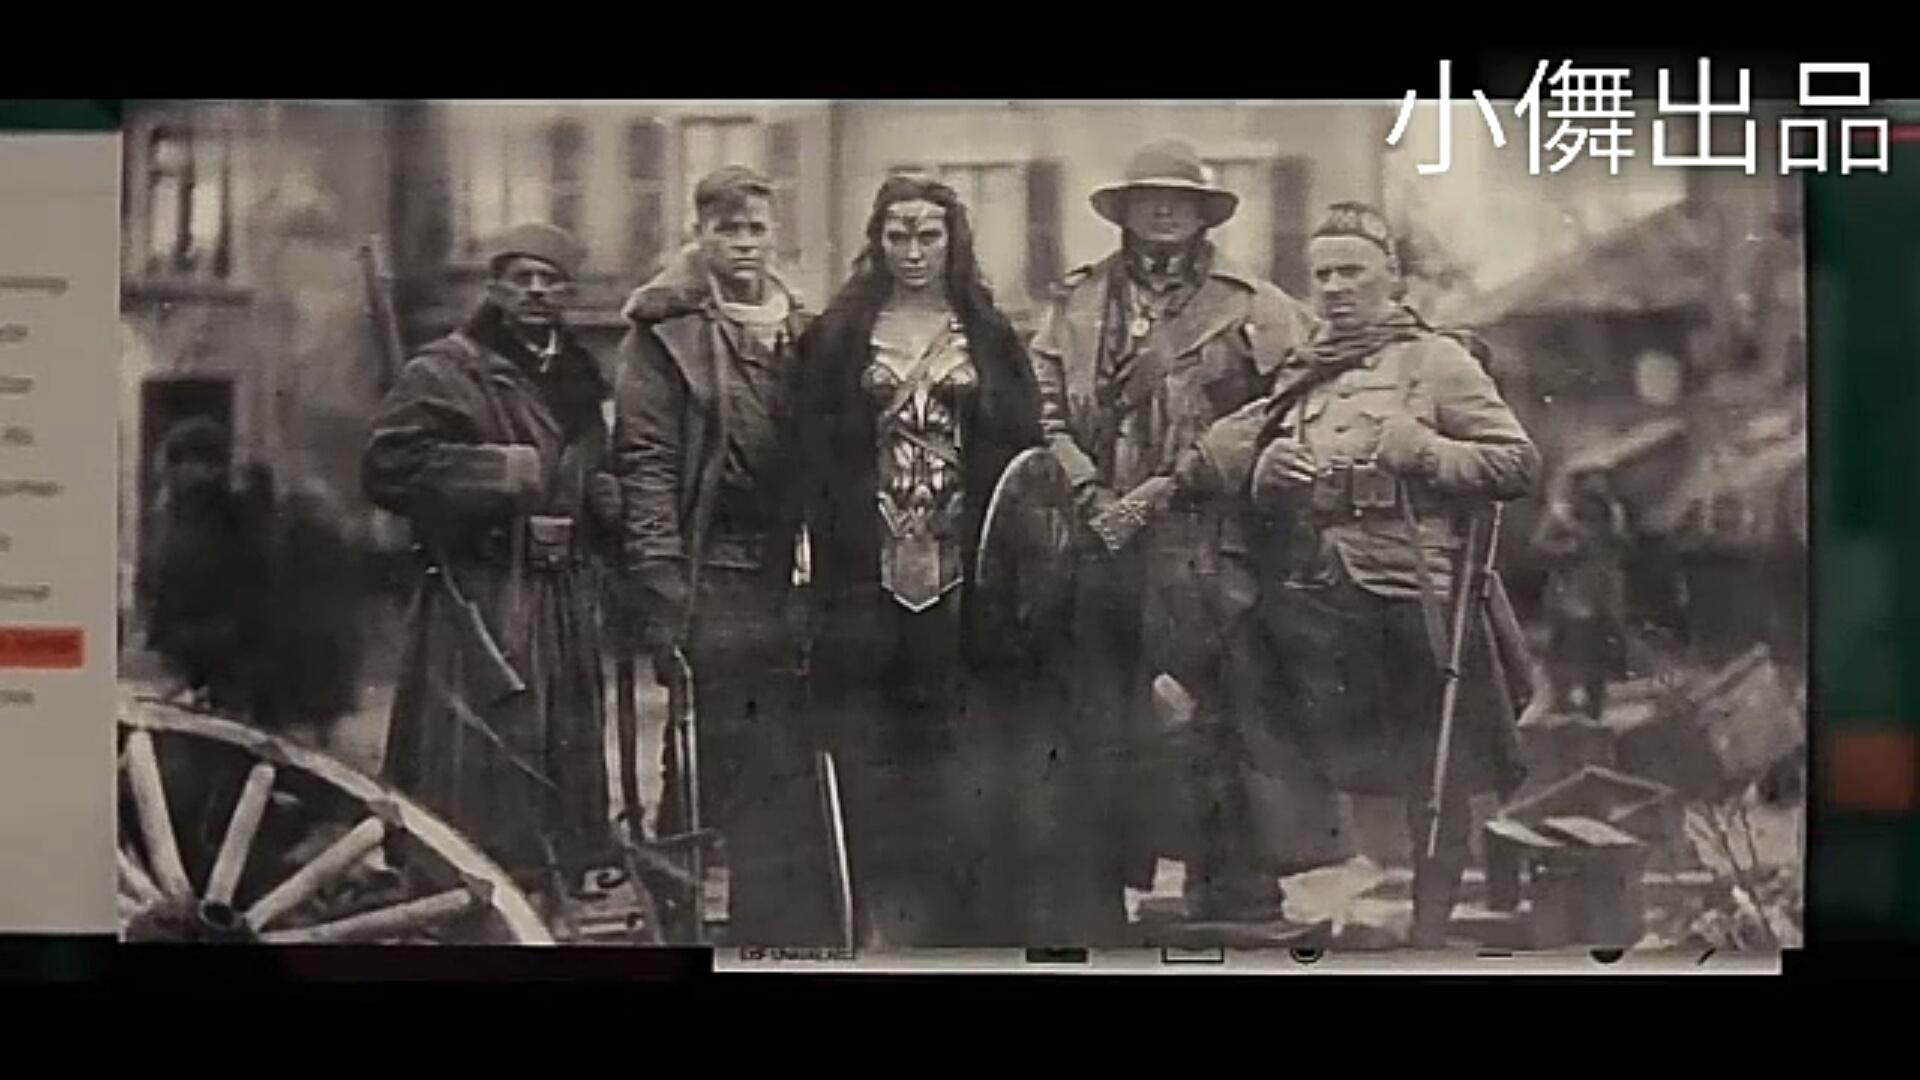 #电影最前线#蝙蝠侠终于知道了神奇女侠的来历,1918年就存在了